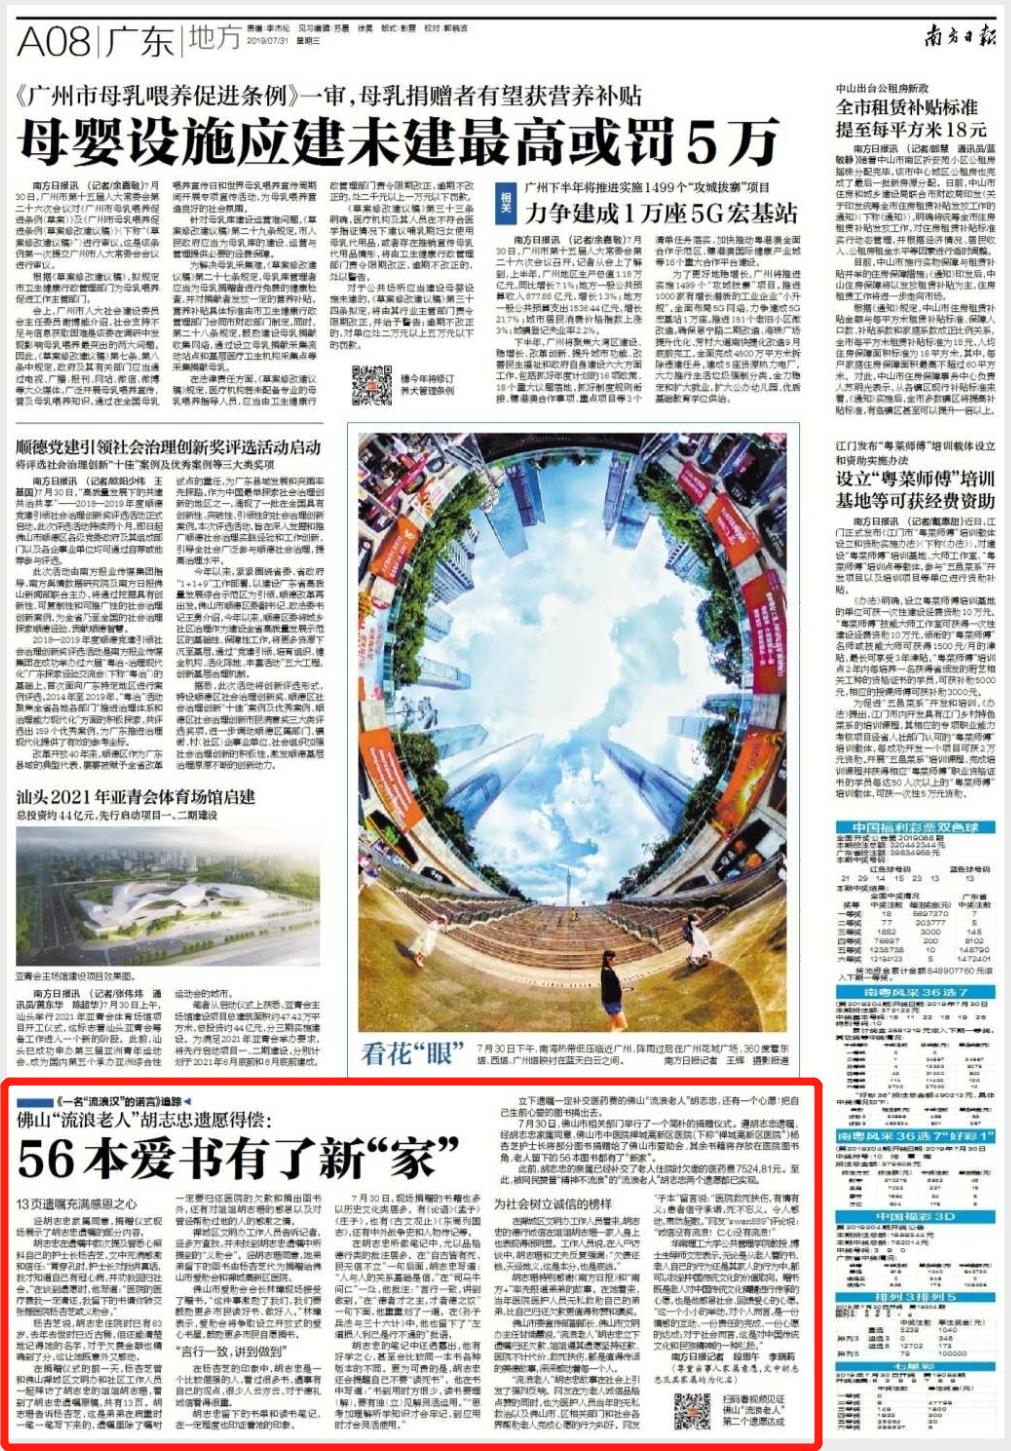 2019年7月31日《南方日报》相关报道版面图